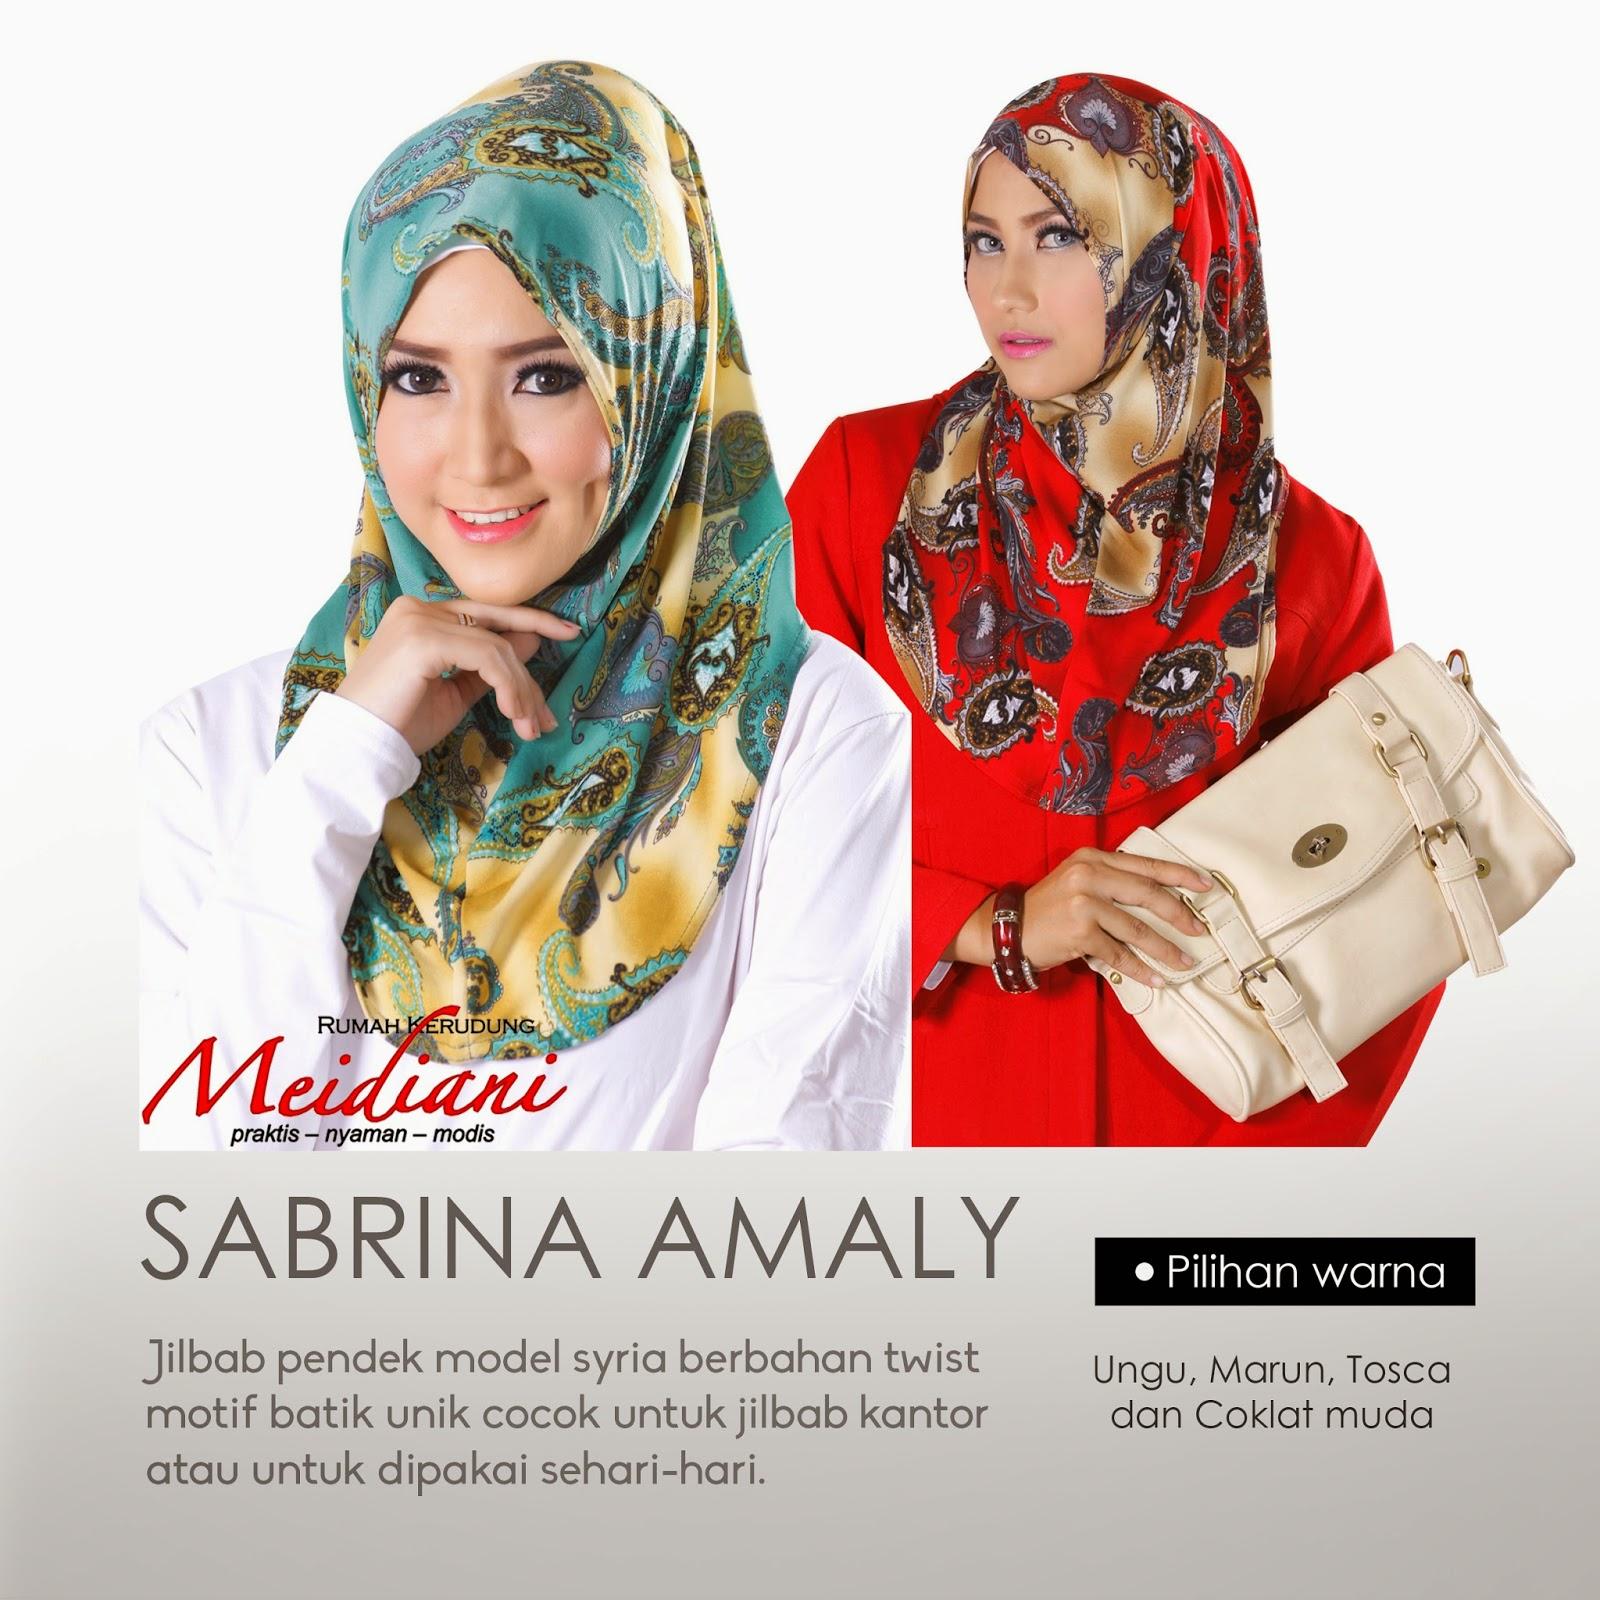 Sabrina Amaly